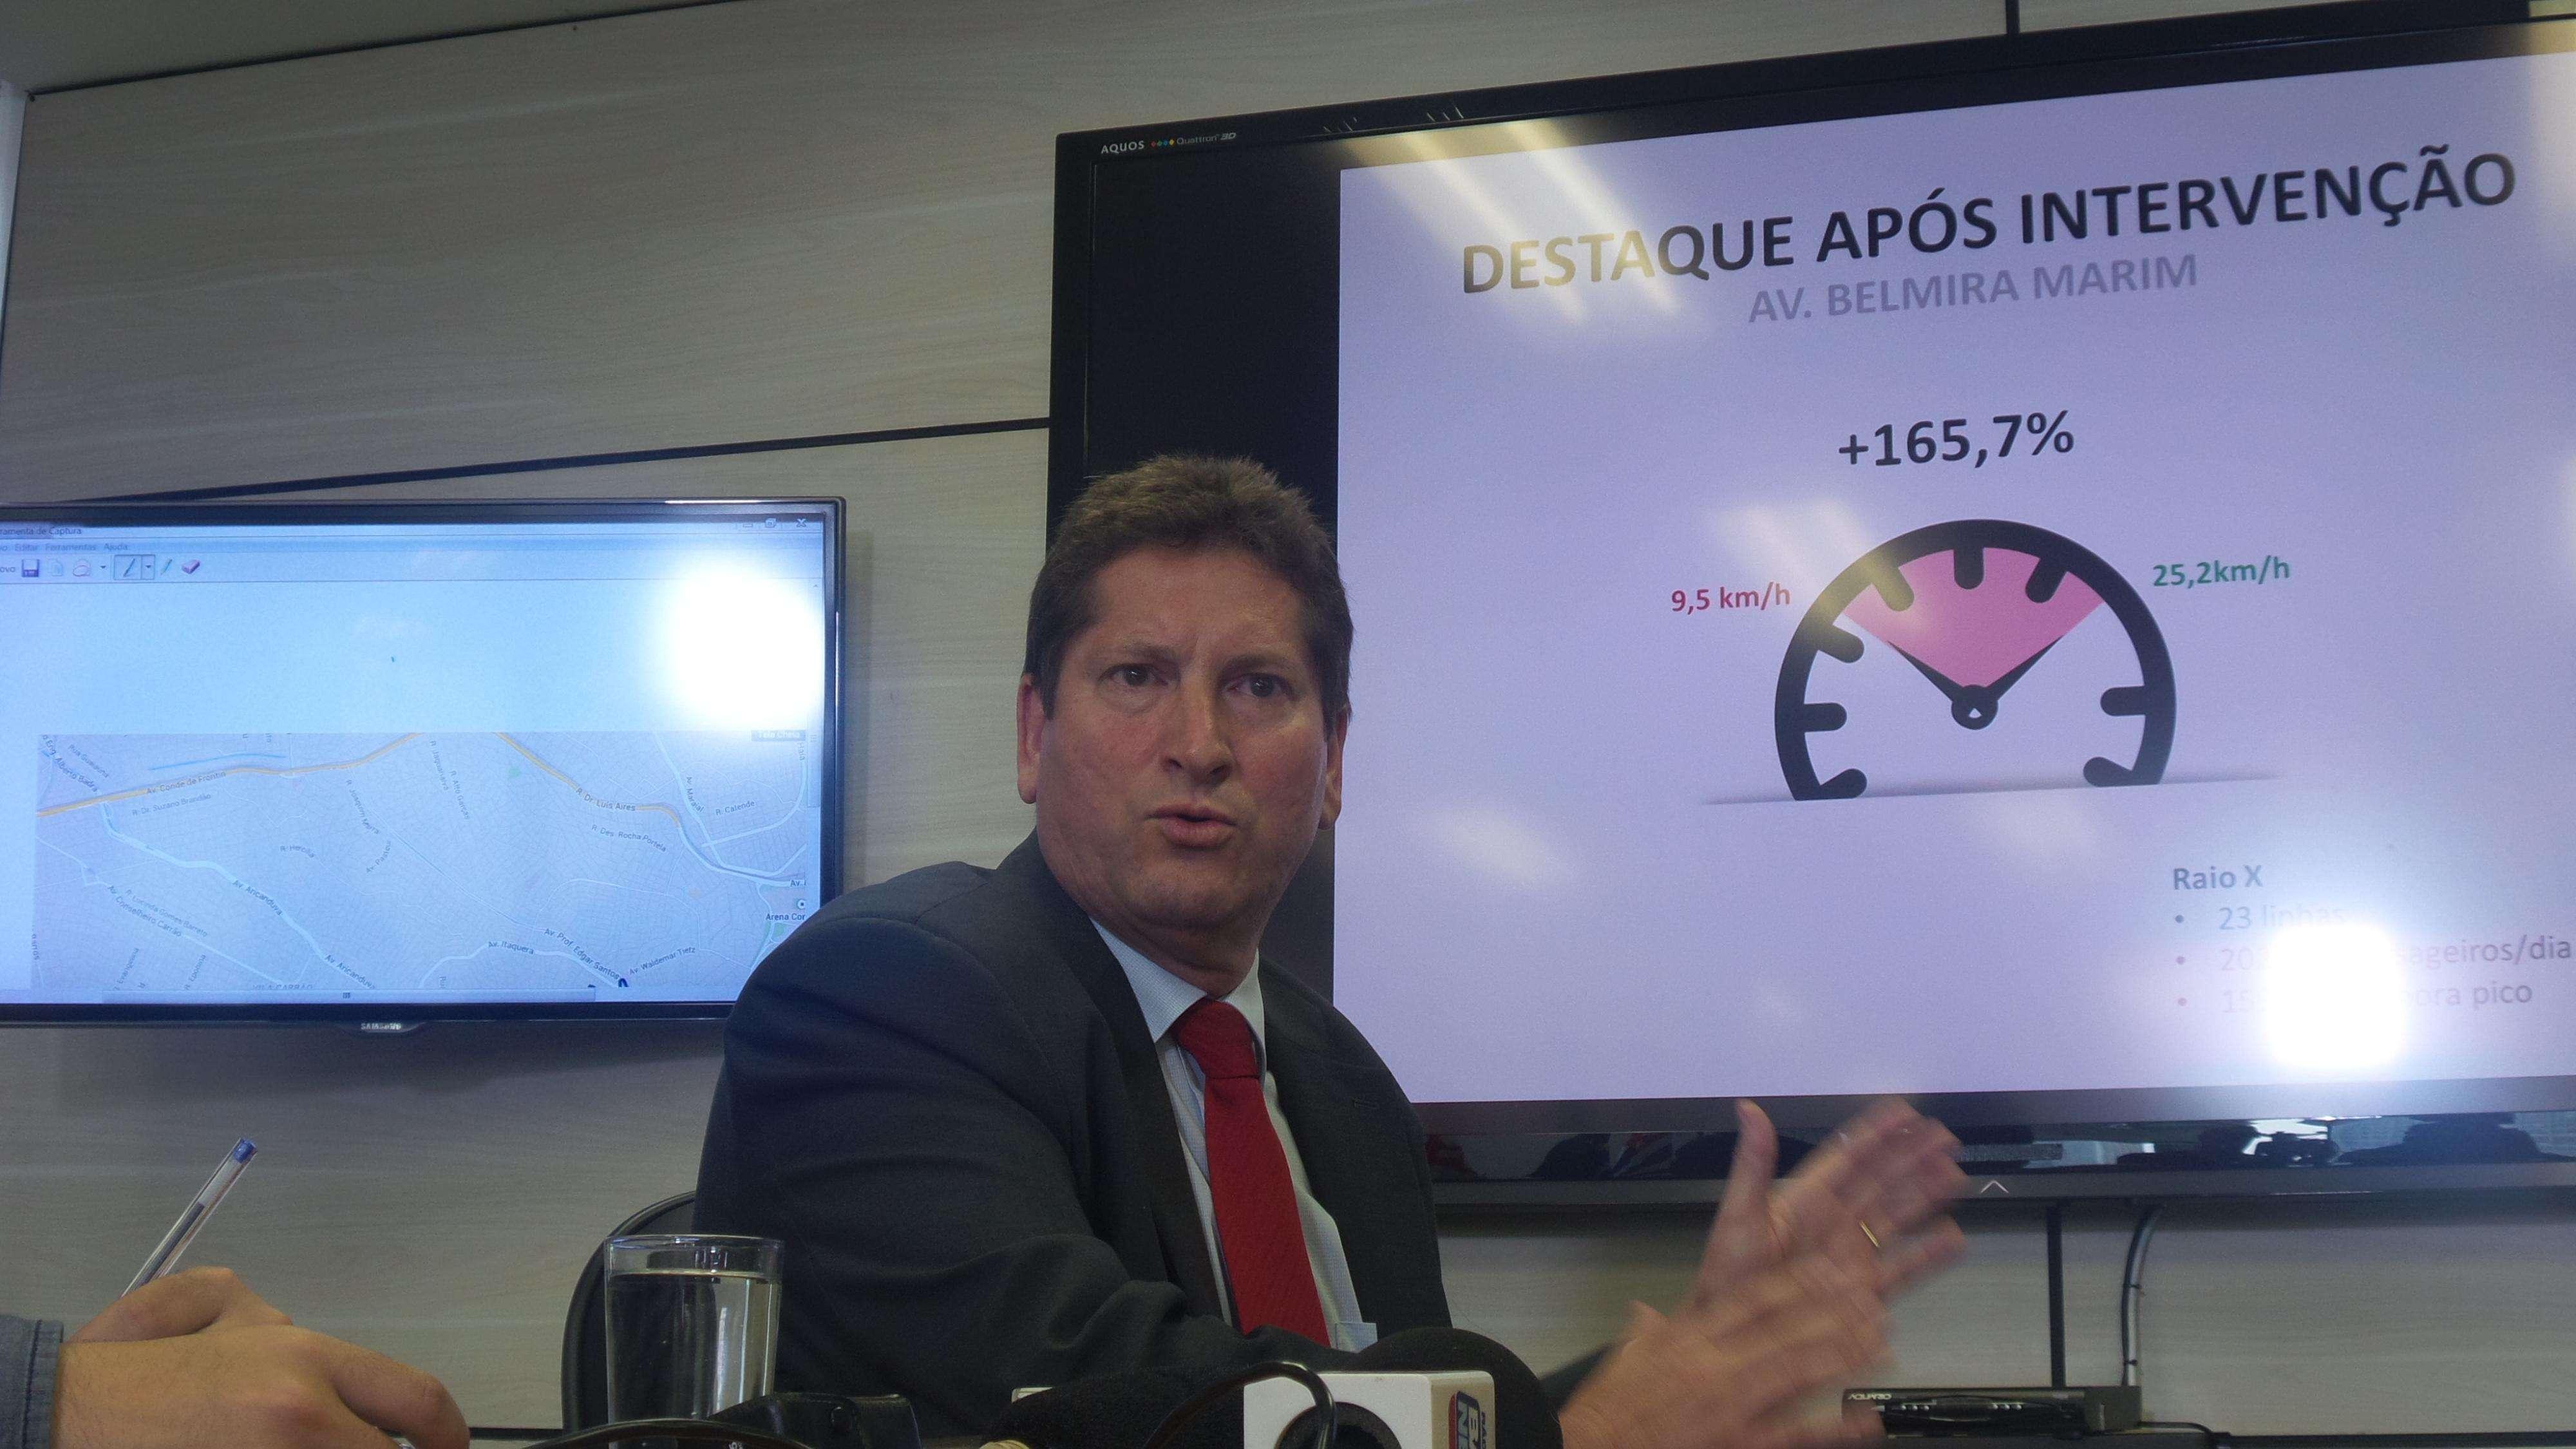 Segundo o secretário de Transportes de SP, Jilmar Tatto, serão 1.200 GCMs para fiscalizar o trânsito a partir de 2015 Foto: Janaina Garcia/Terra